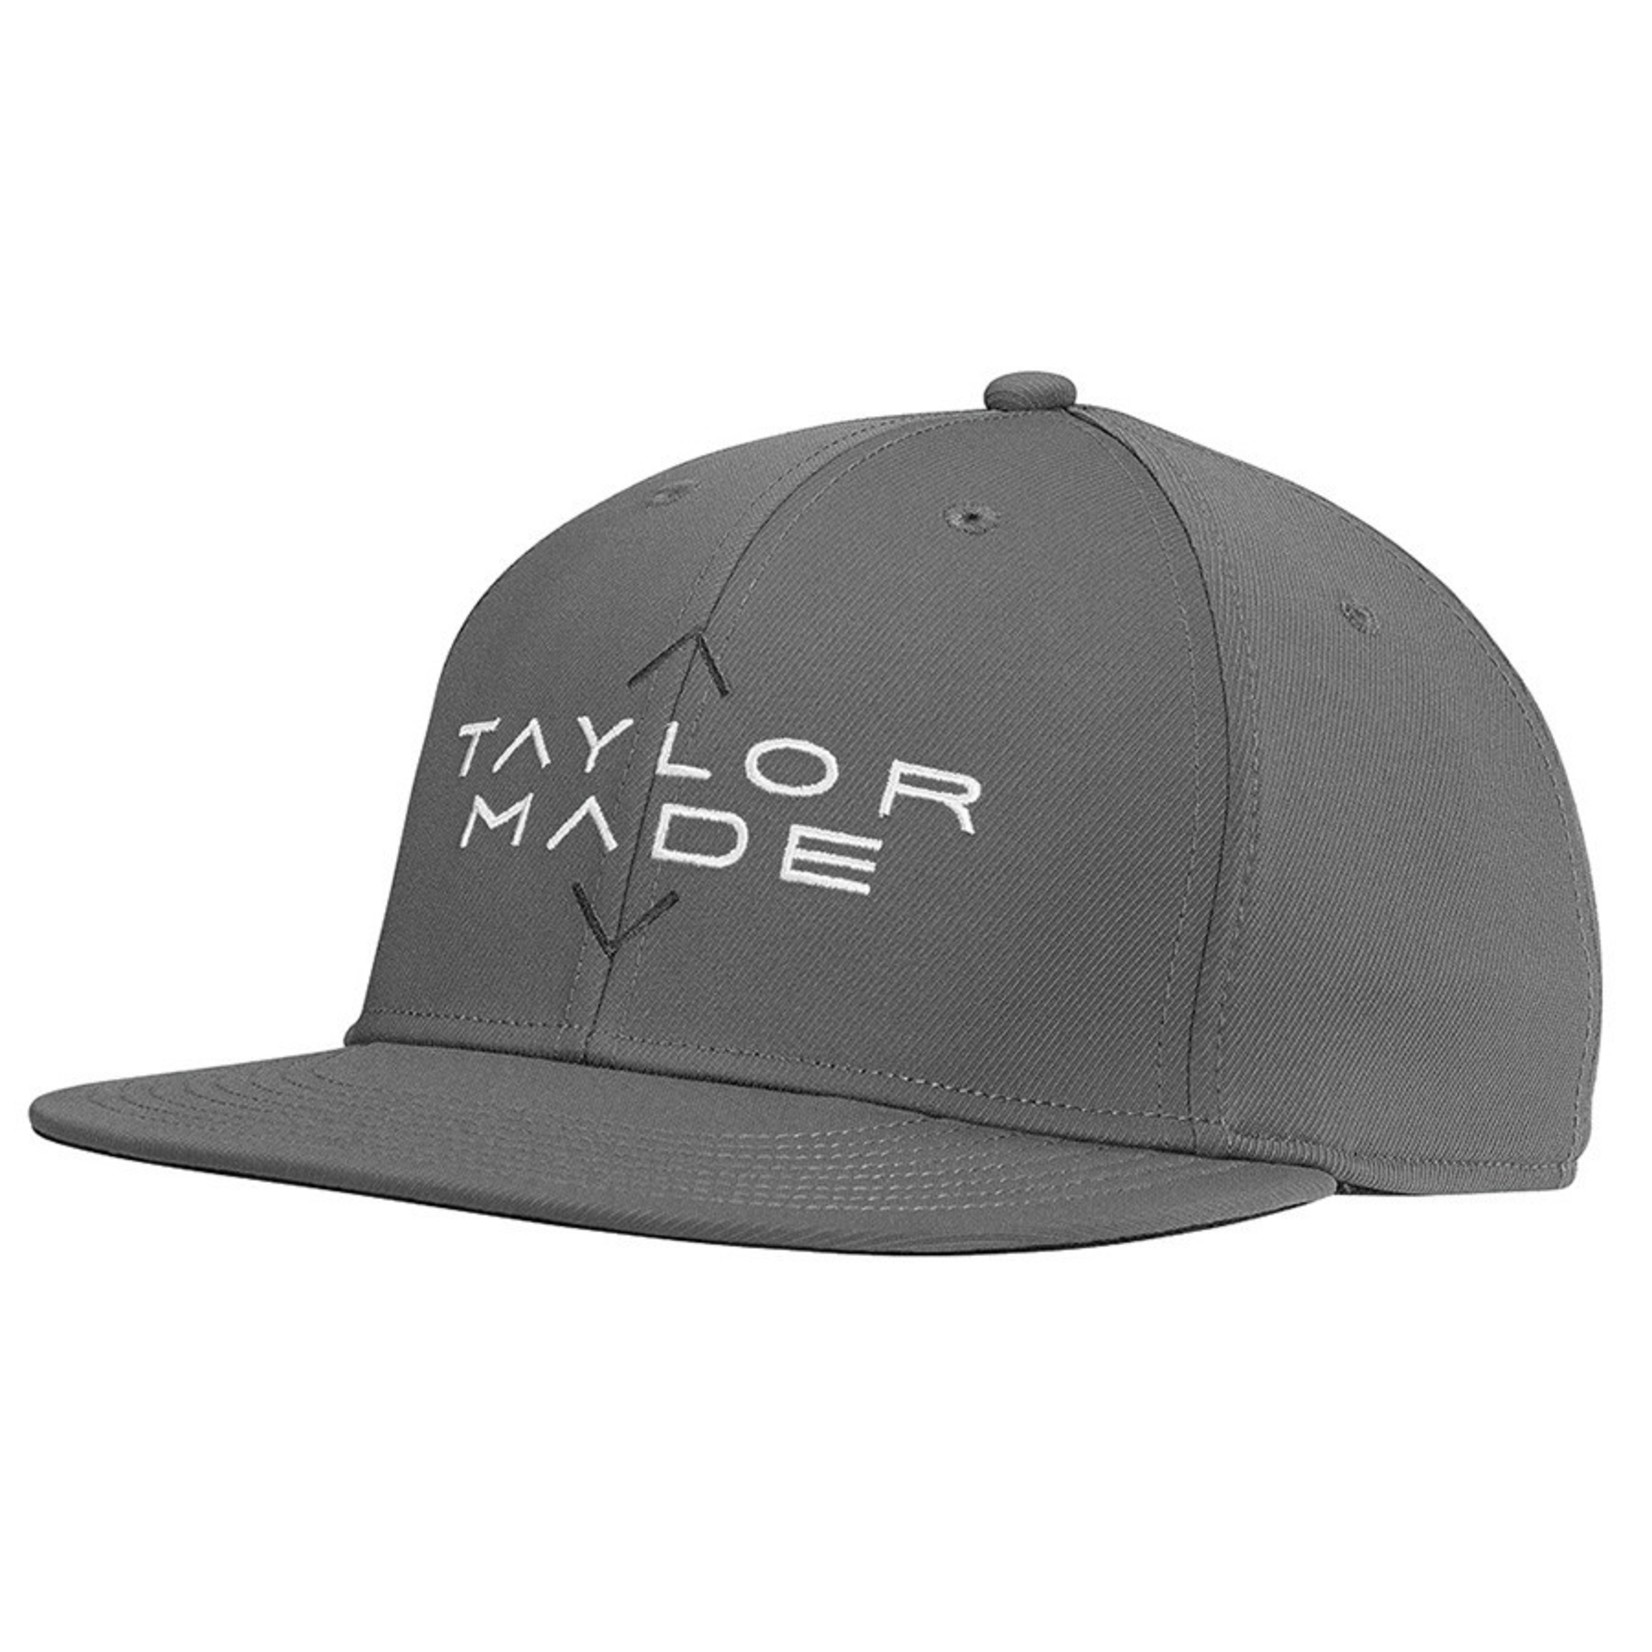 TaylorMade Flat Bill Stretch Hat